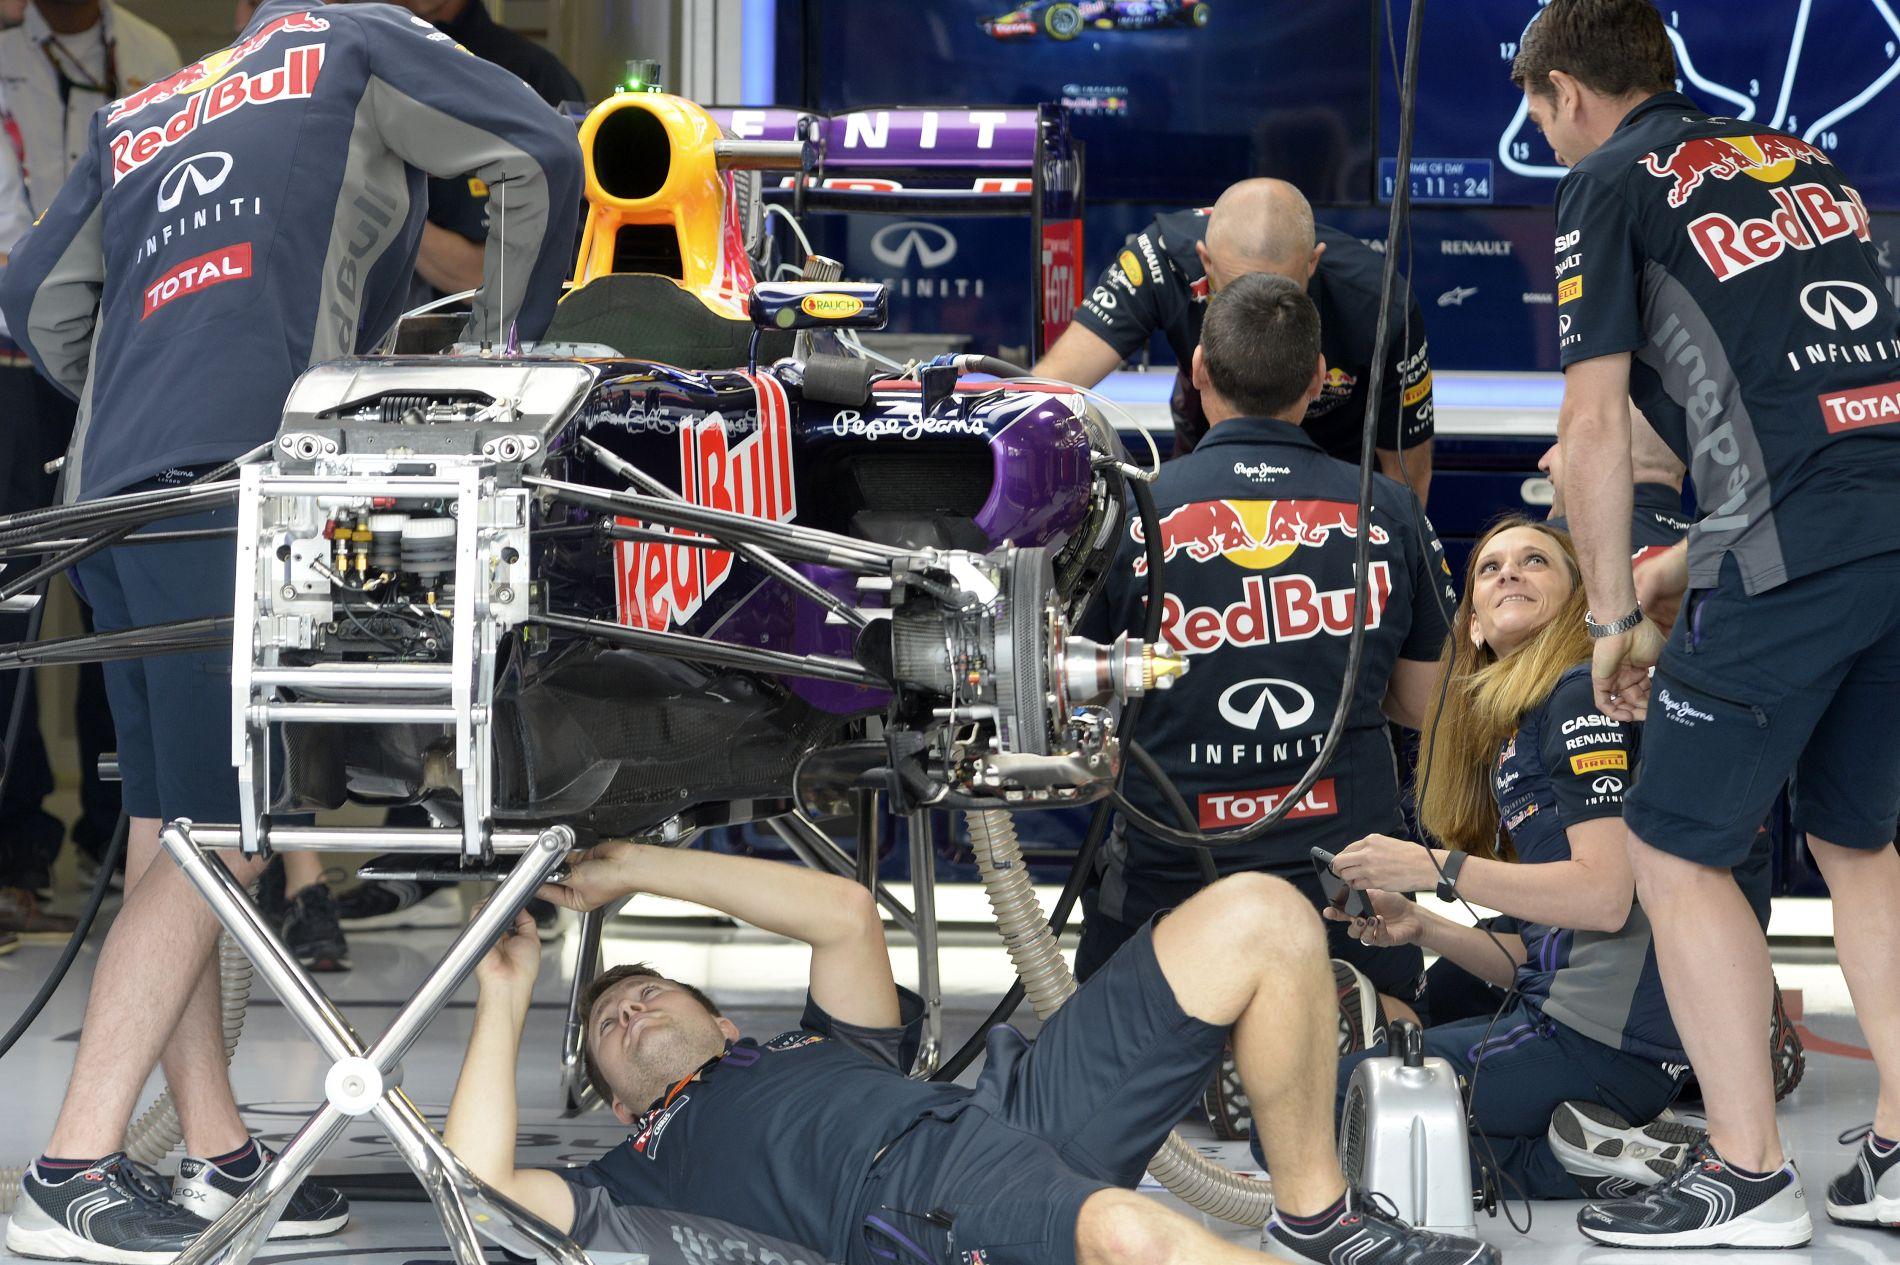 Azonnal eltörölnék a motorcserés büntetéseket, és van még pár finomság az F1 tarsolyában